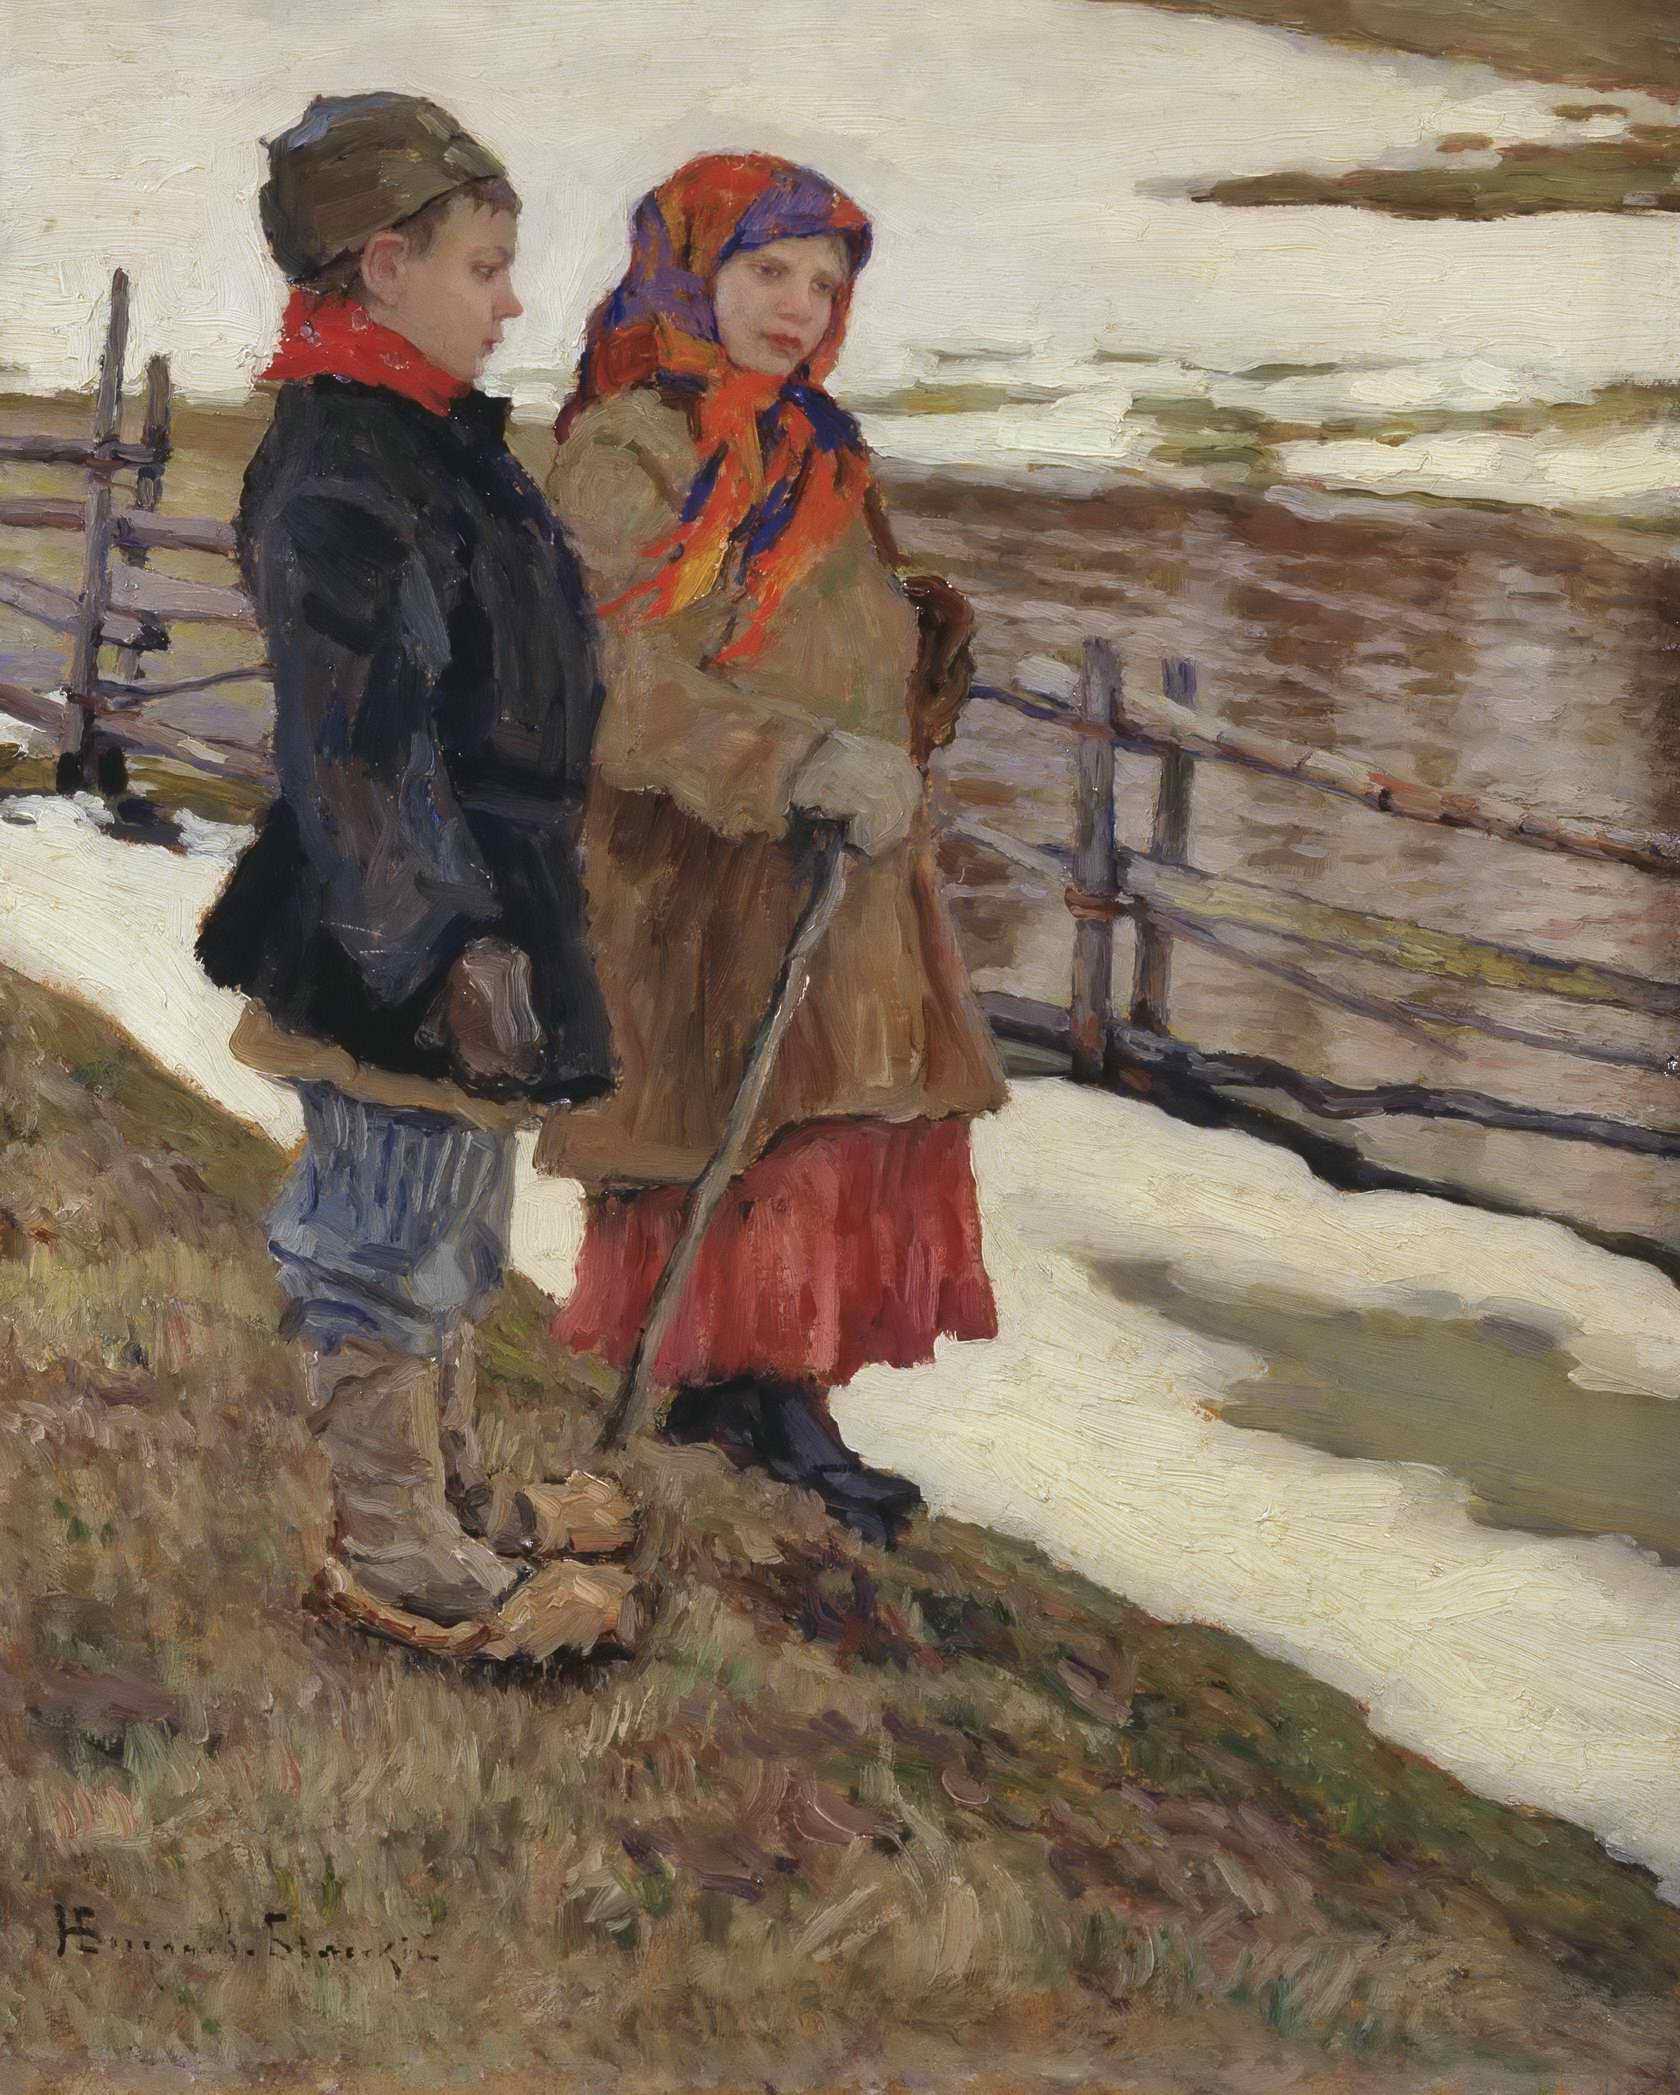 Богданов-Бельский Н.П.- Крестьянские дети